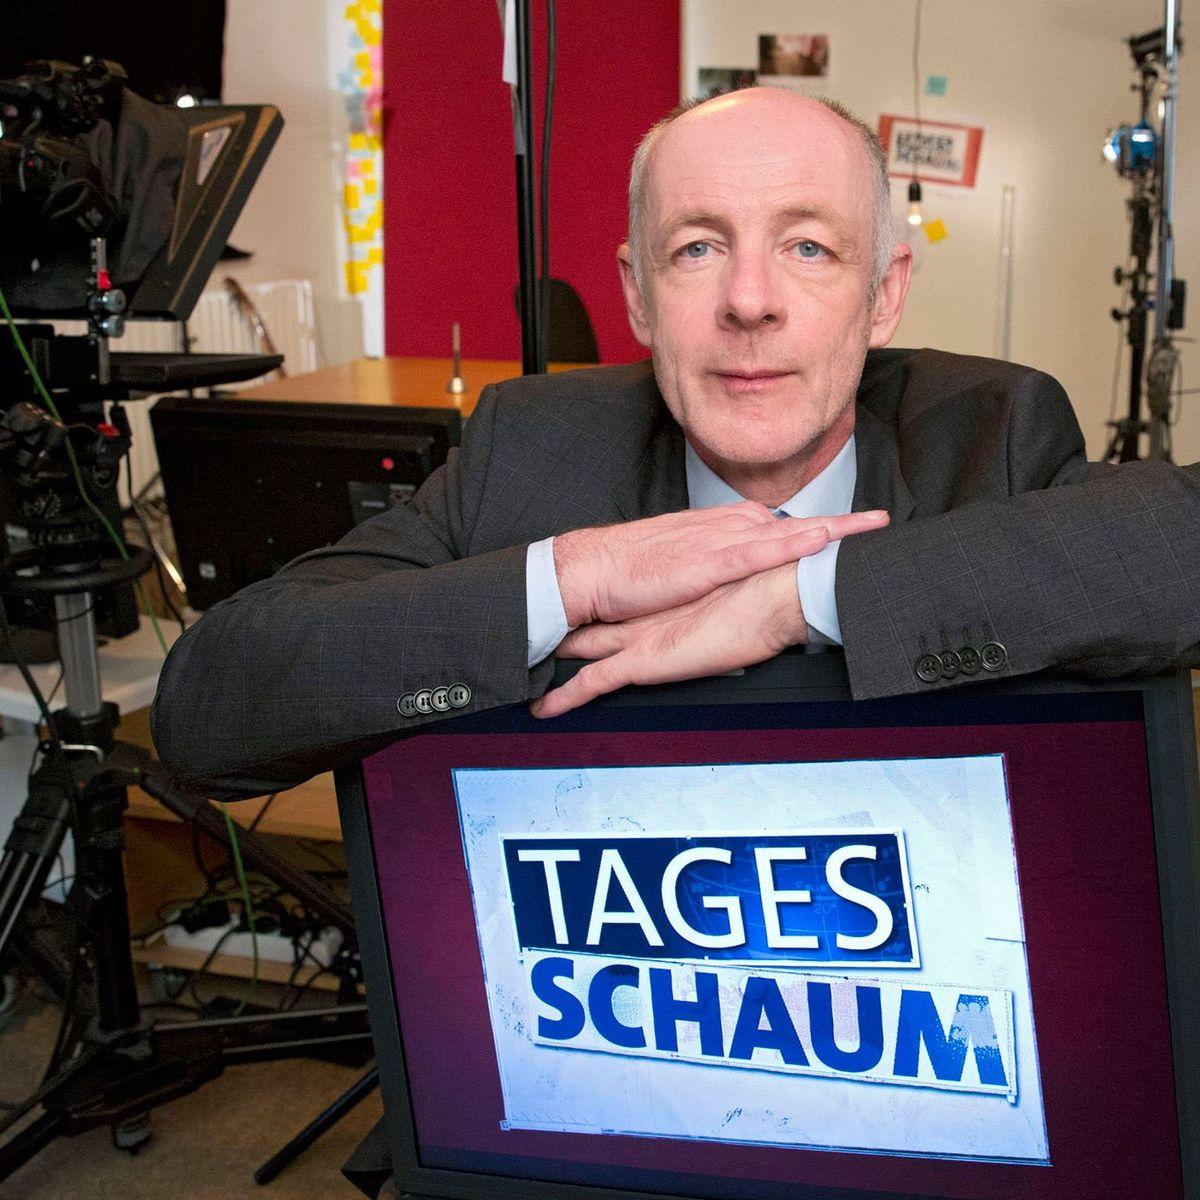 Friedrich Kuppersbusch Kehrt Mit Wdr Comedy Tagesschaum Zuruck Der Spiegel